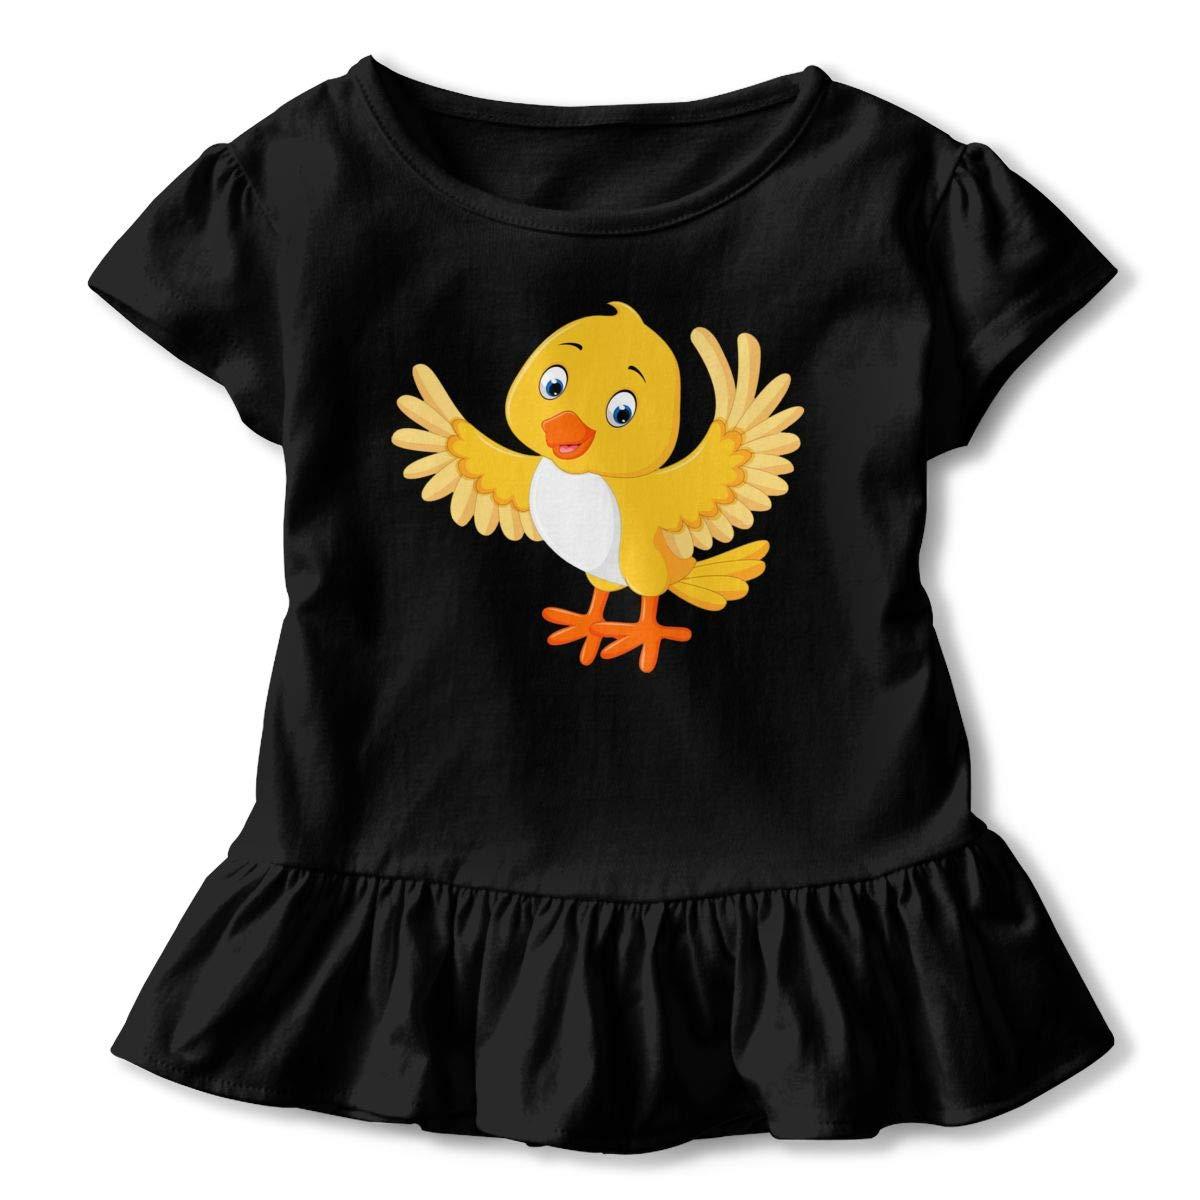 Cartoon Yellow Bird T-Shirt Kids Flounced T Shirts Cartoon Clothes for 2-6T Kids Girls